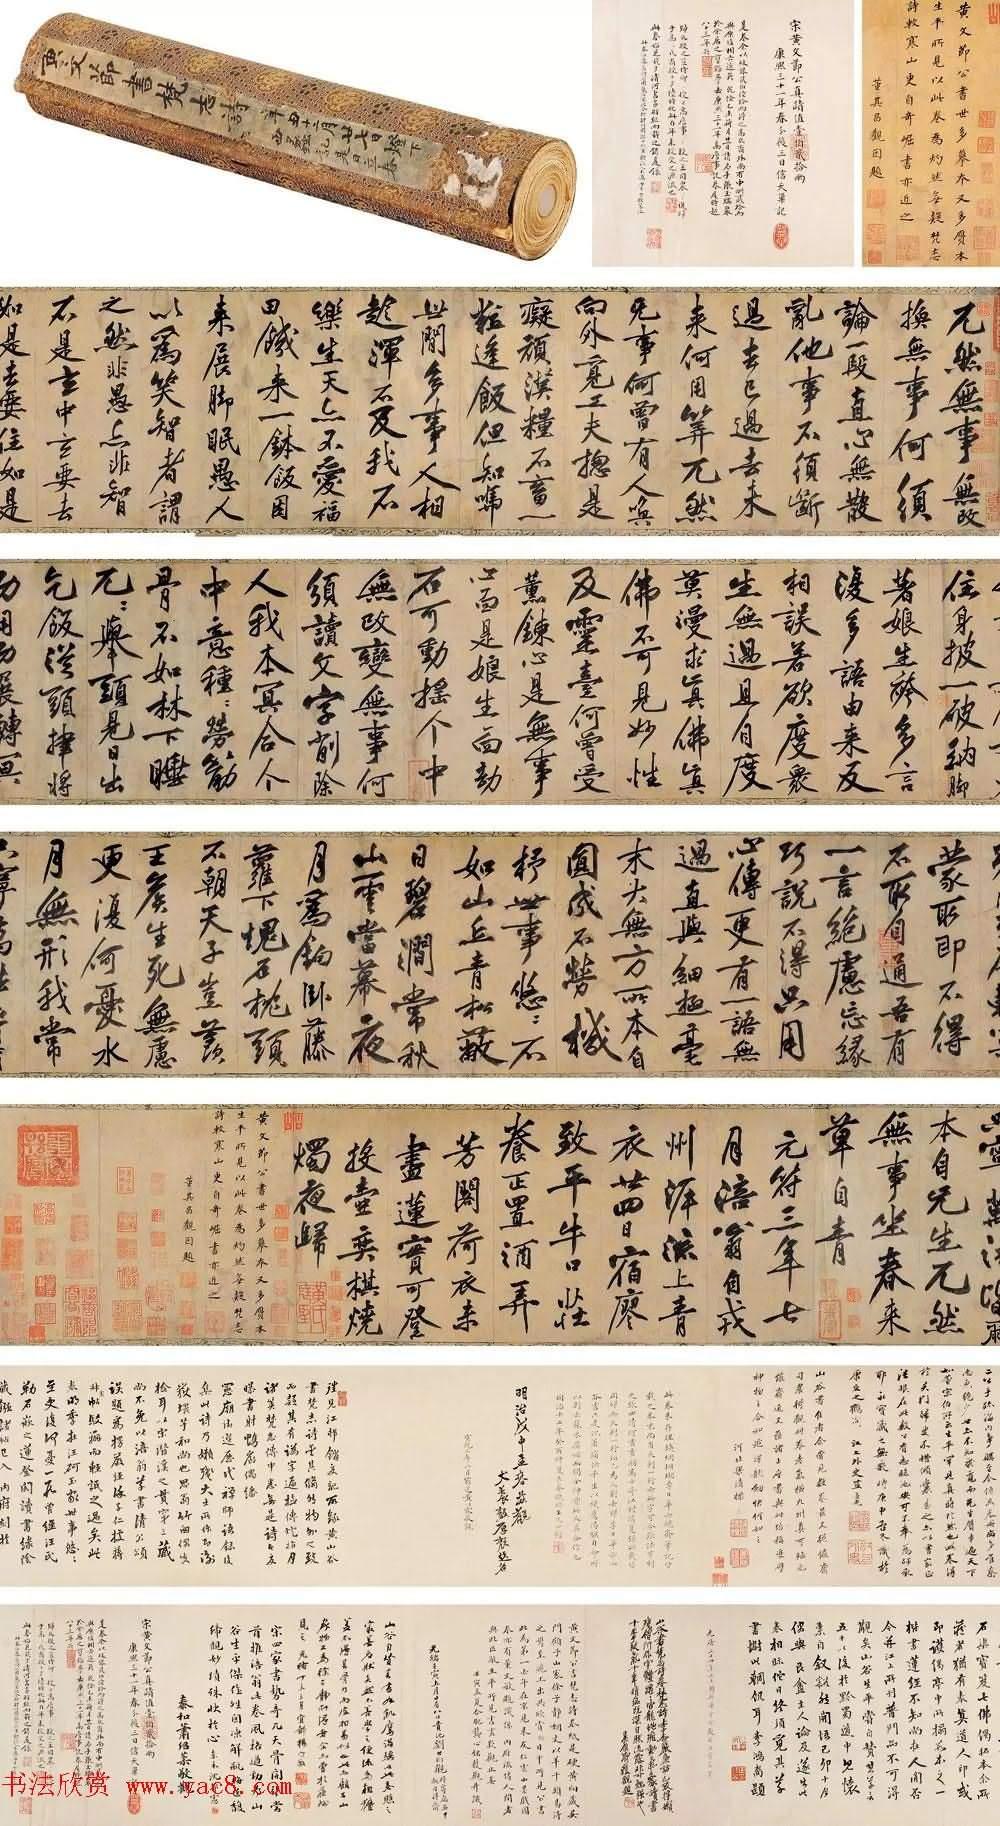 黃庭堅書法字帖《黃文節梵志詩》寫本+拓本(共38張圖片)